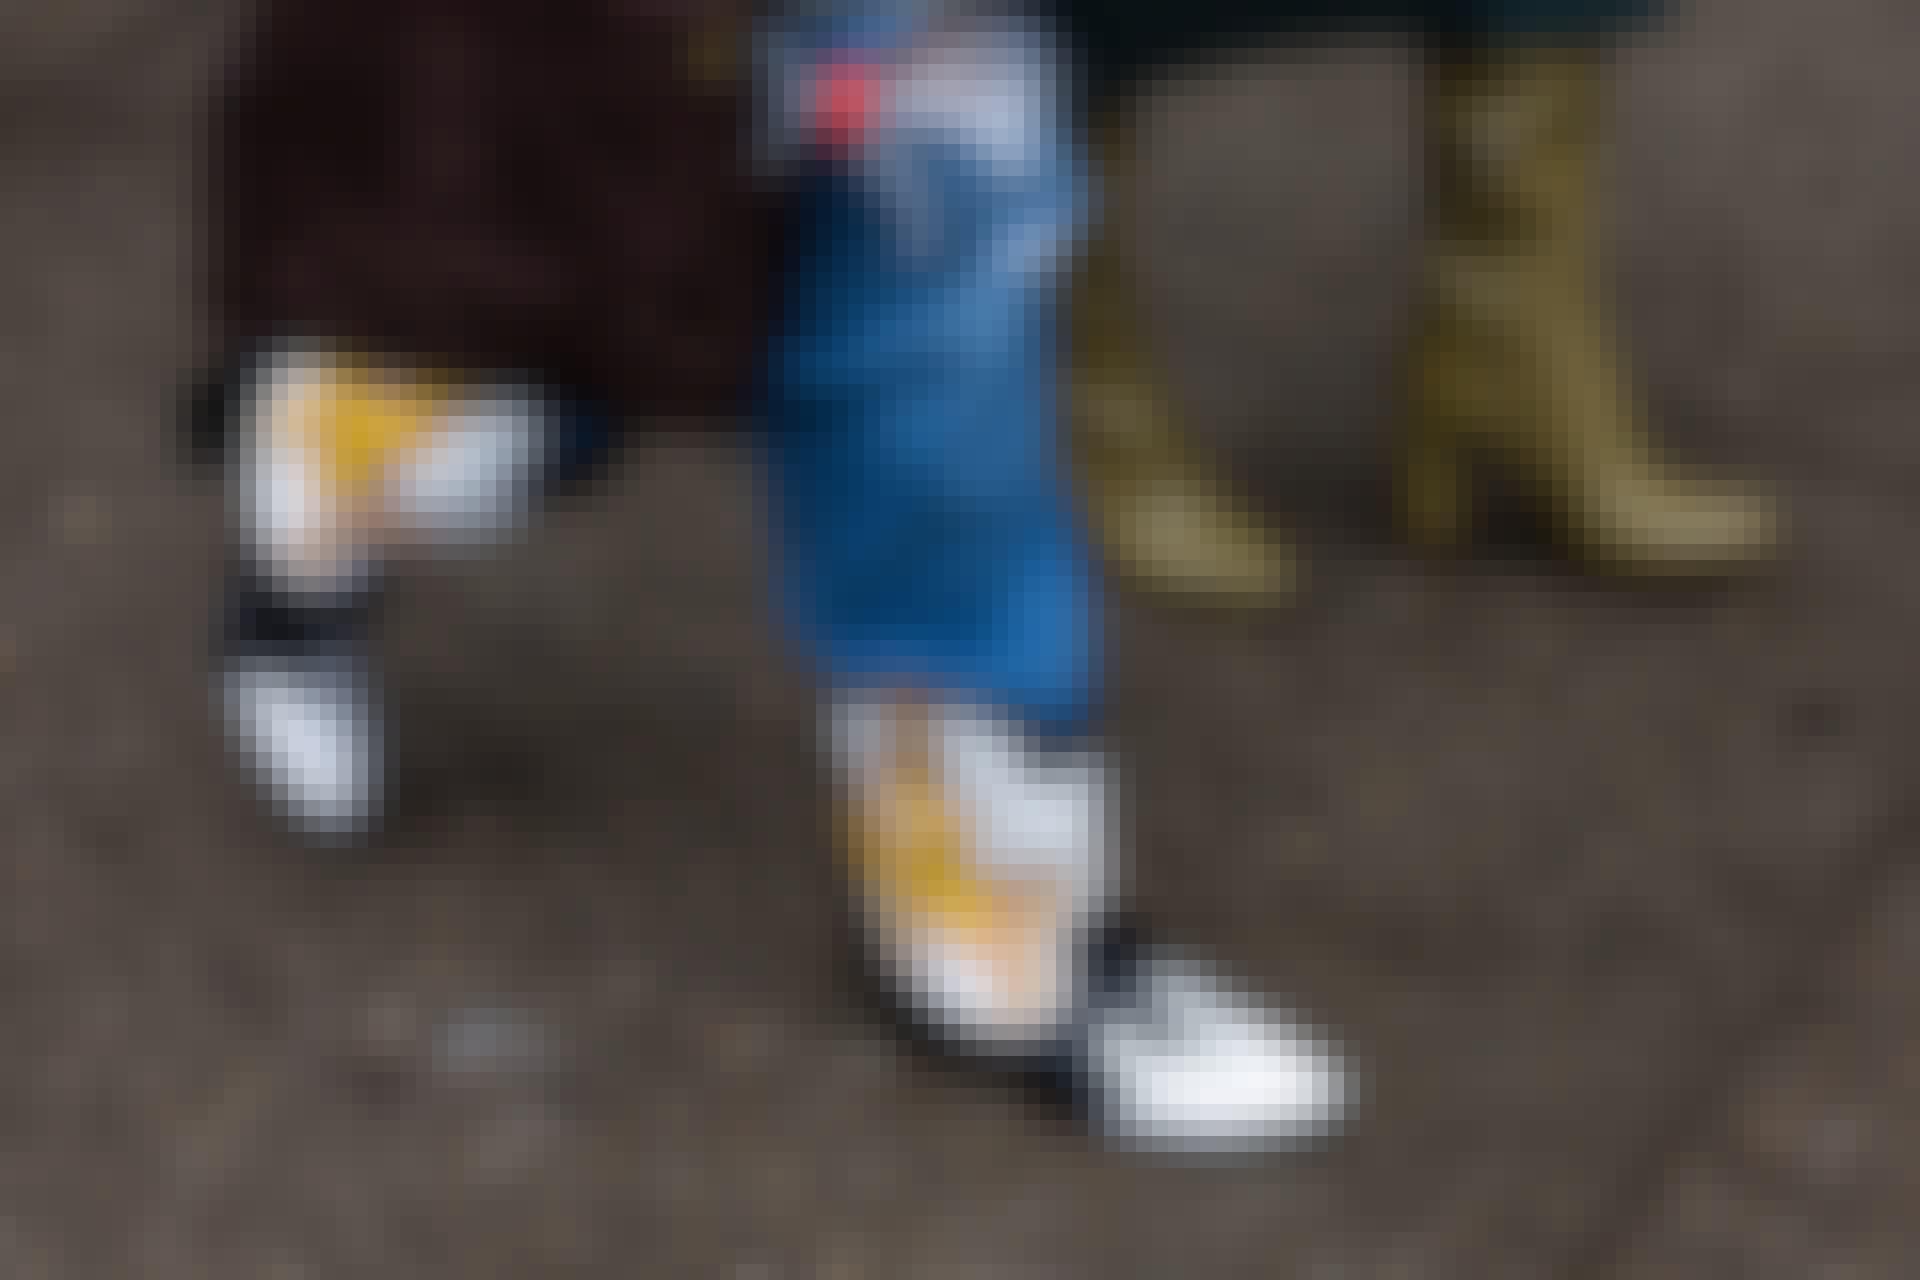 Har du sko, der knirker? Her er et simpelt trick, der let får dine knirkende sko til at stoppe med at larme.